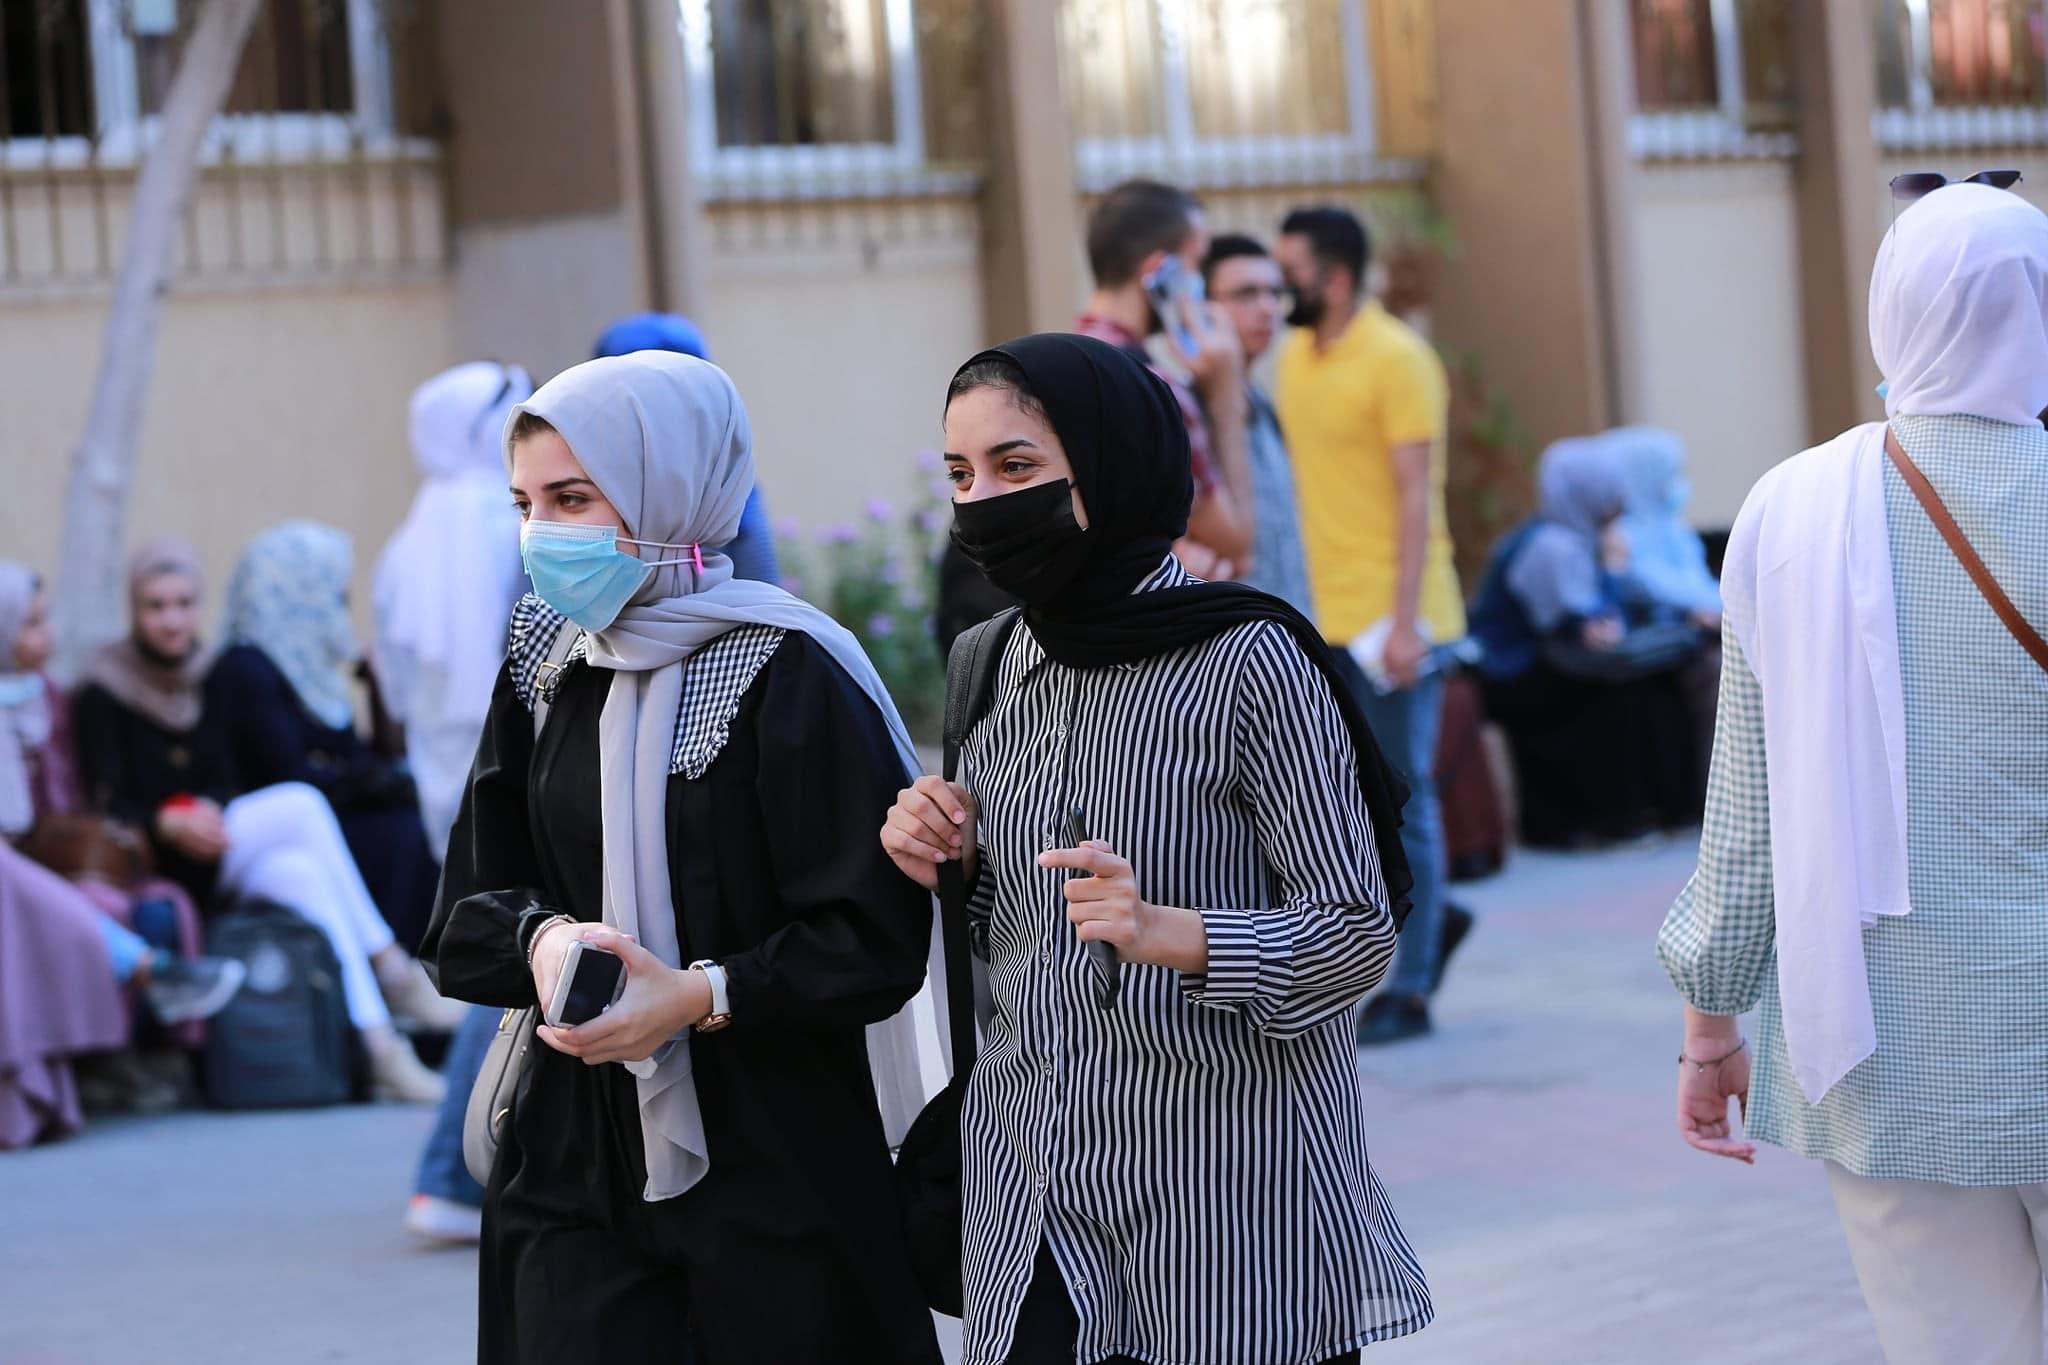 """""""كوفيتي هويتي"""".. حقيقة قيام حماس بمنع الطلاب من ارتداء الكوفية في الحرم الجامعي"""